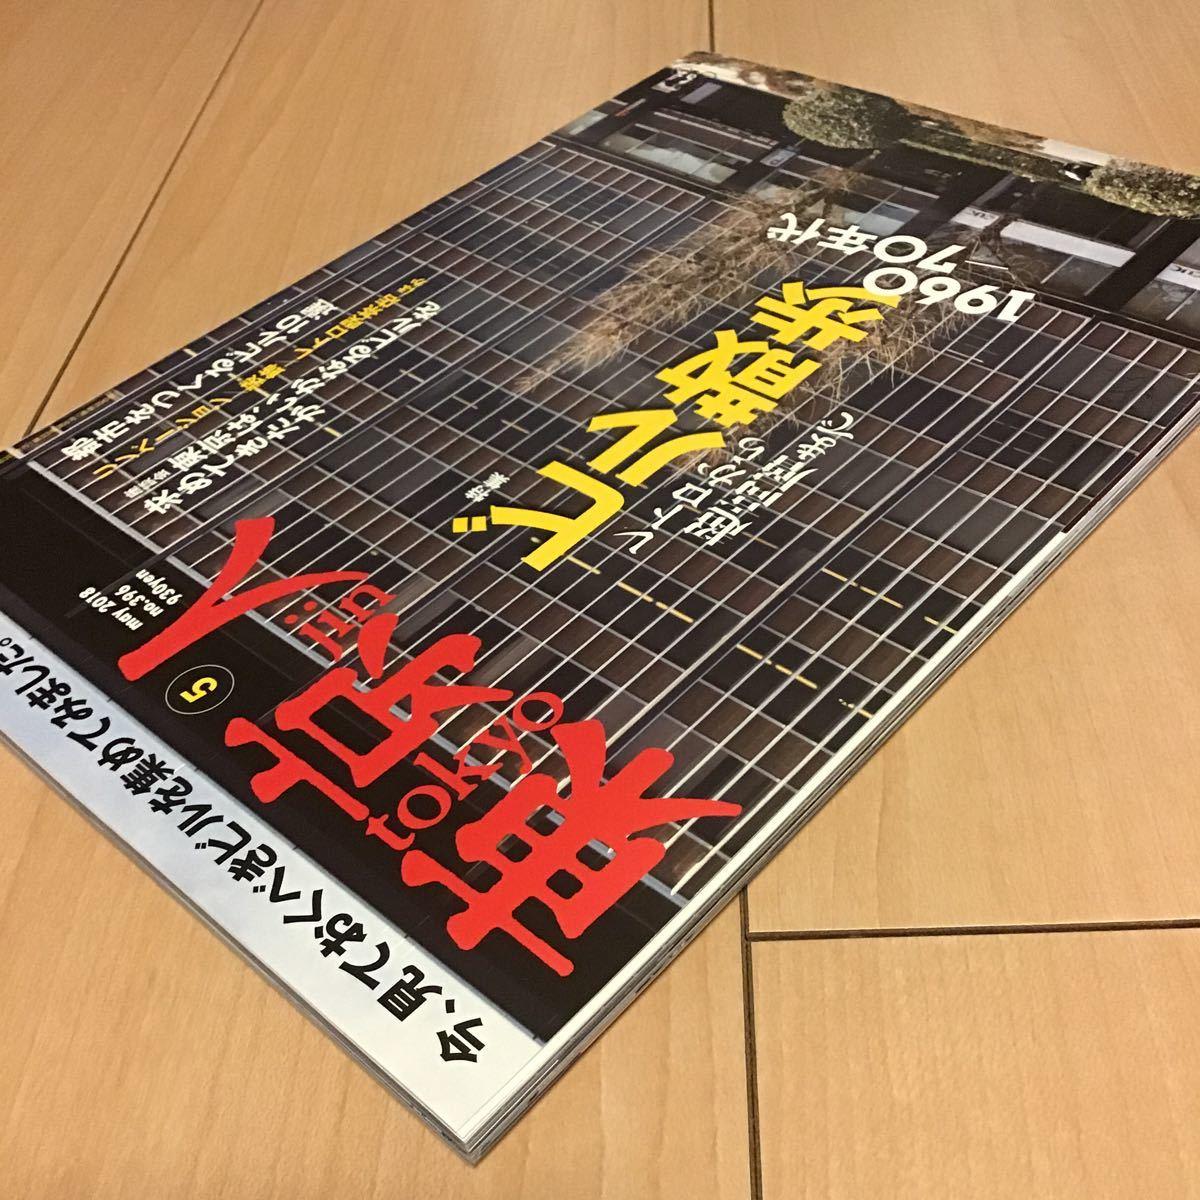 東京人 NO.396 2018年5月号 ビル散歩 1960-1970年代 レトロから超高層まで / 都市をつくるビル10選_画像3